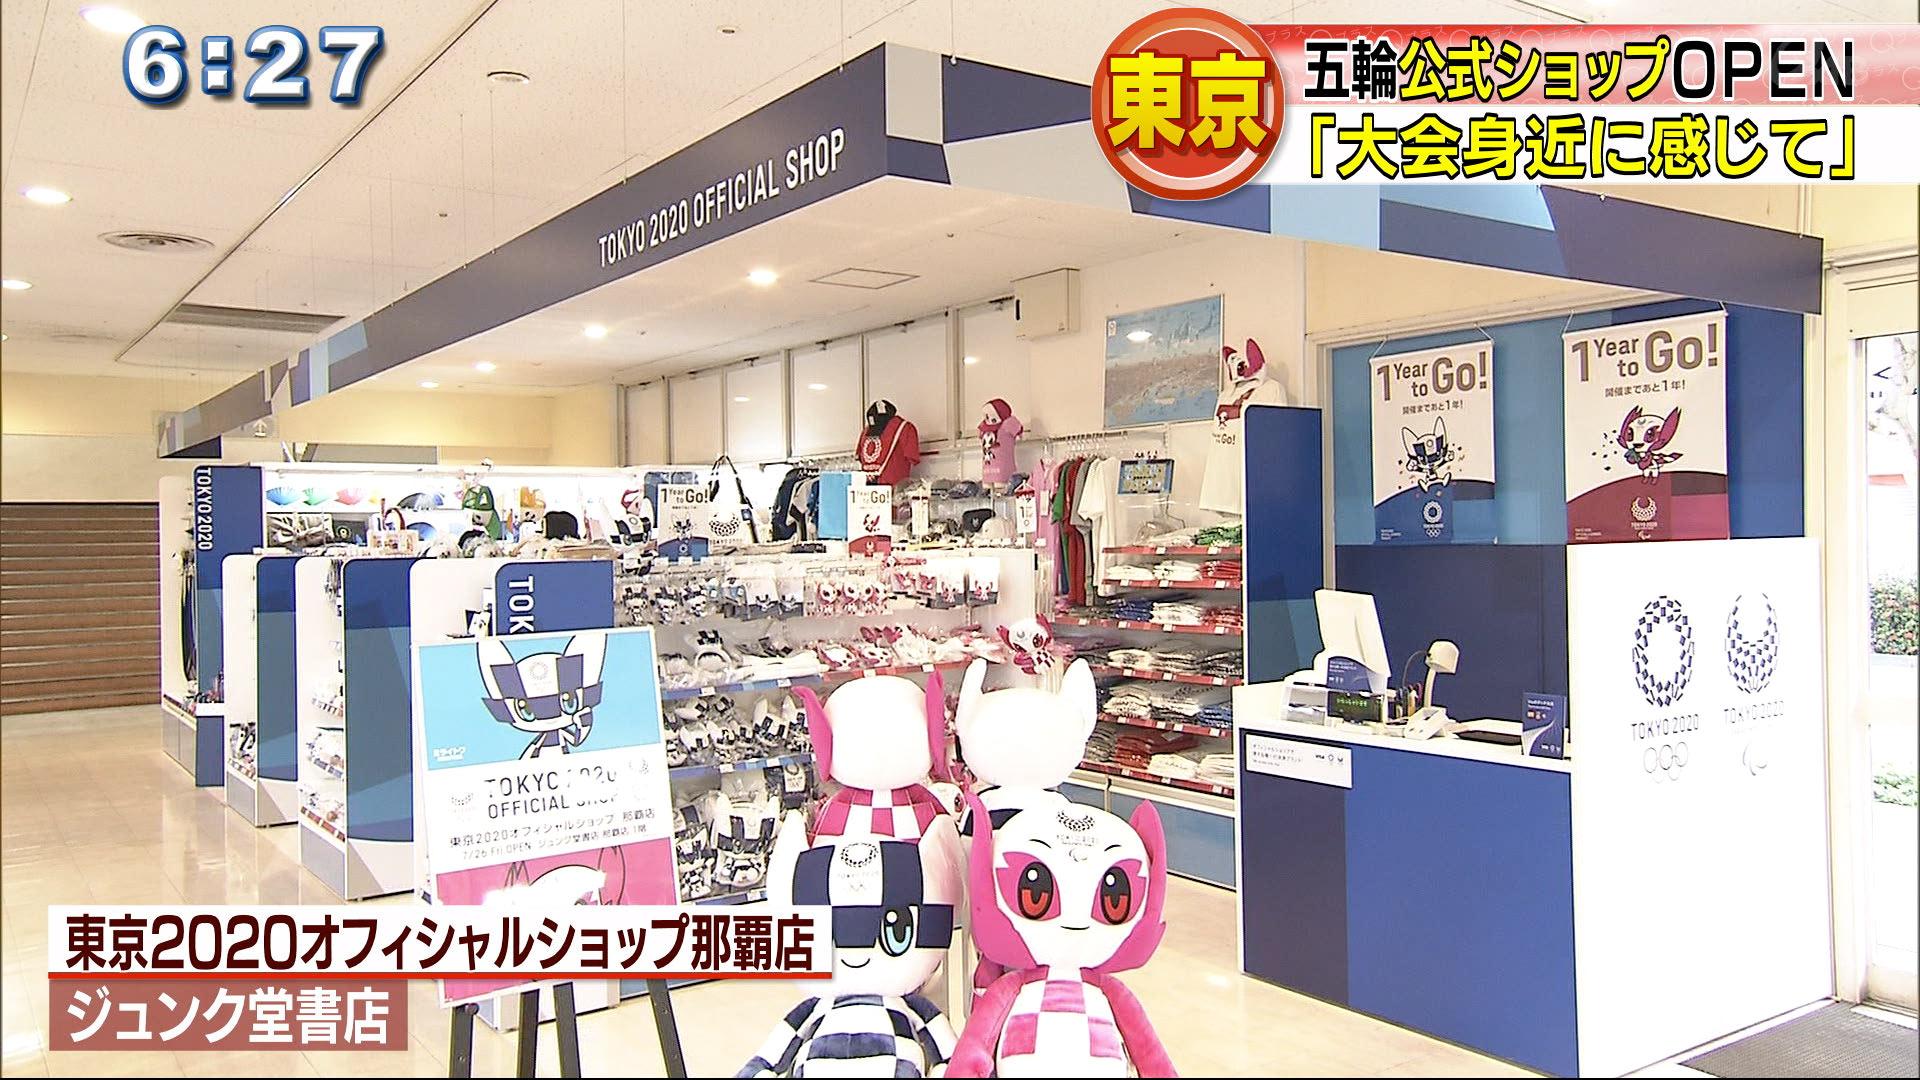 東京五輪公式ショップがオープン